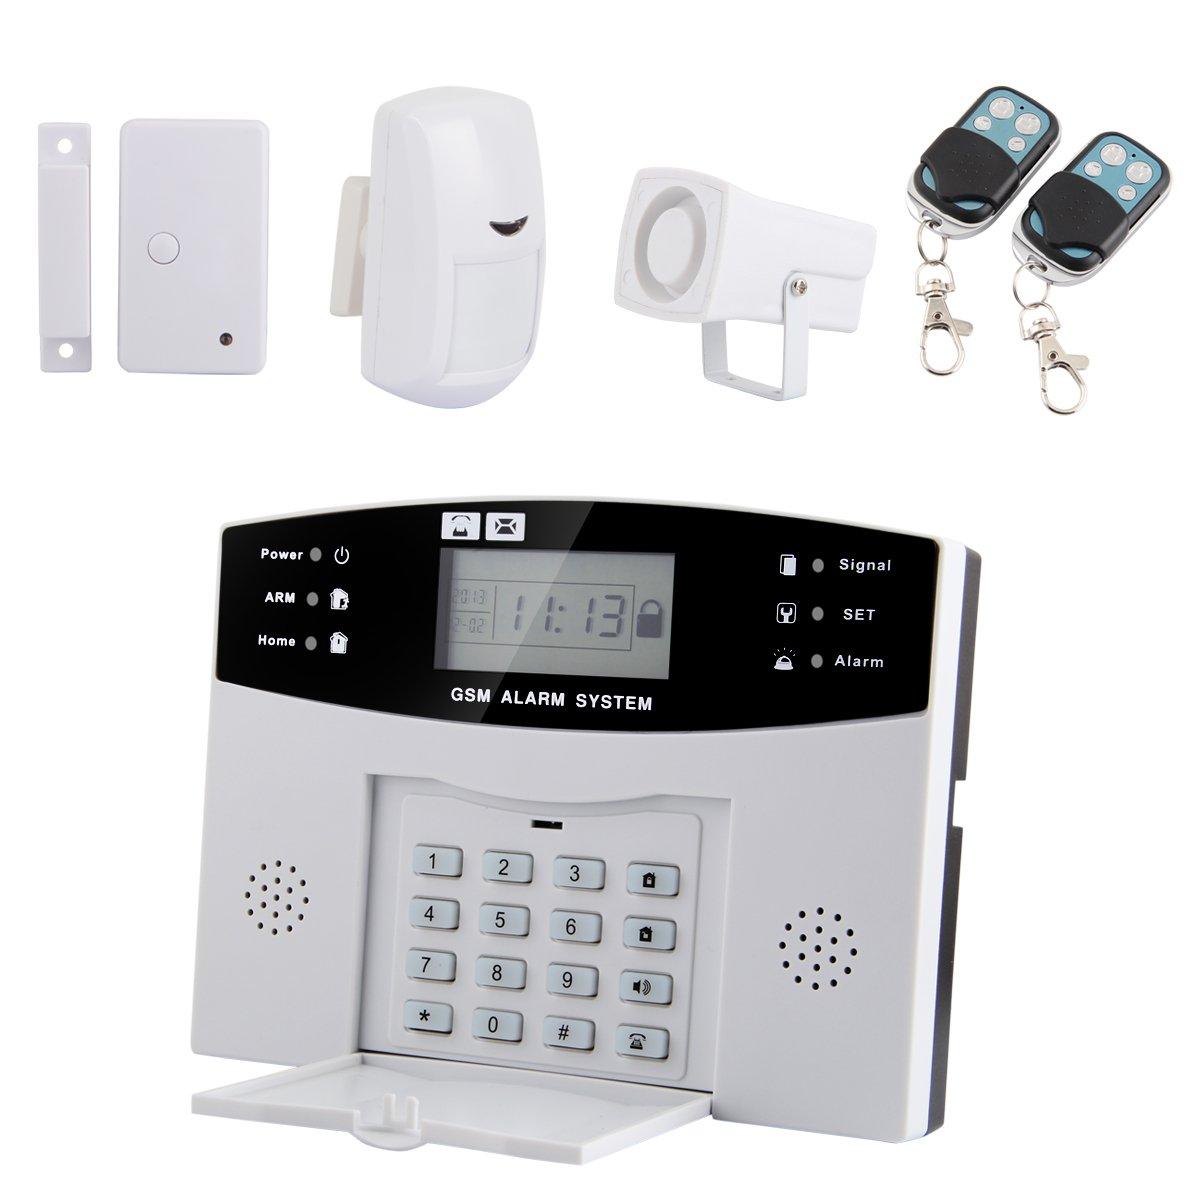 Yorbay® Funk Haus Alarmsystem GSM Alarmanlage Wireless Sicherheitsanlage SIM Karte Einbruchmeldeanlage (GSM Alarmzentrale+IR Sensor Bewegungsmelder+Öffnungsmelder Tür / FensterMagnetkontakt+Fernbedienung) Komplettsystem  BaumarktKundenbewertung und Beschreibung